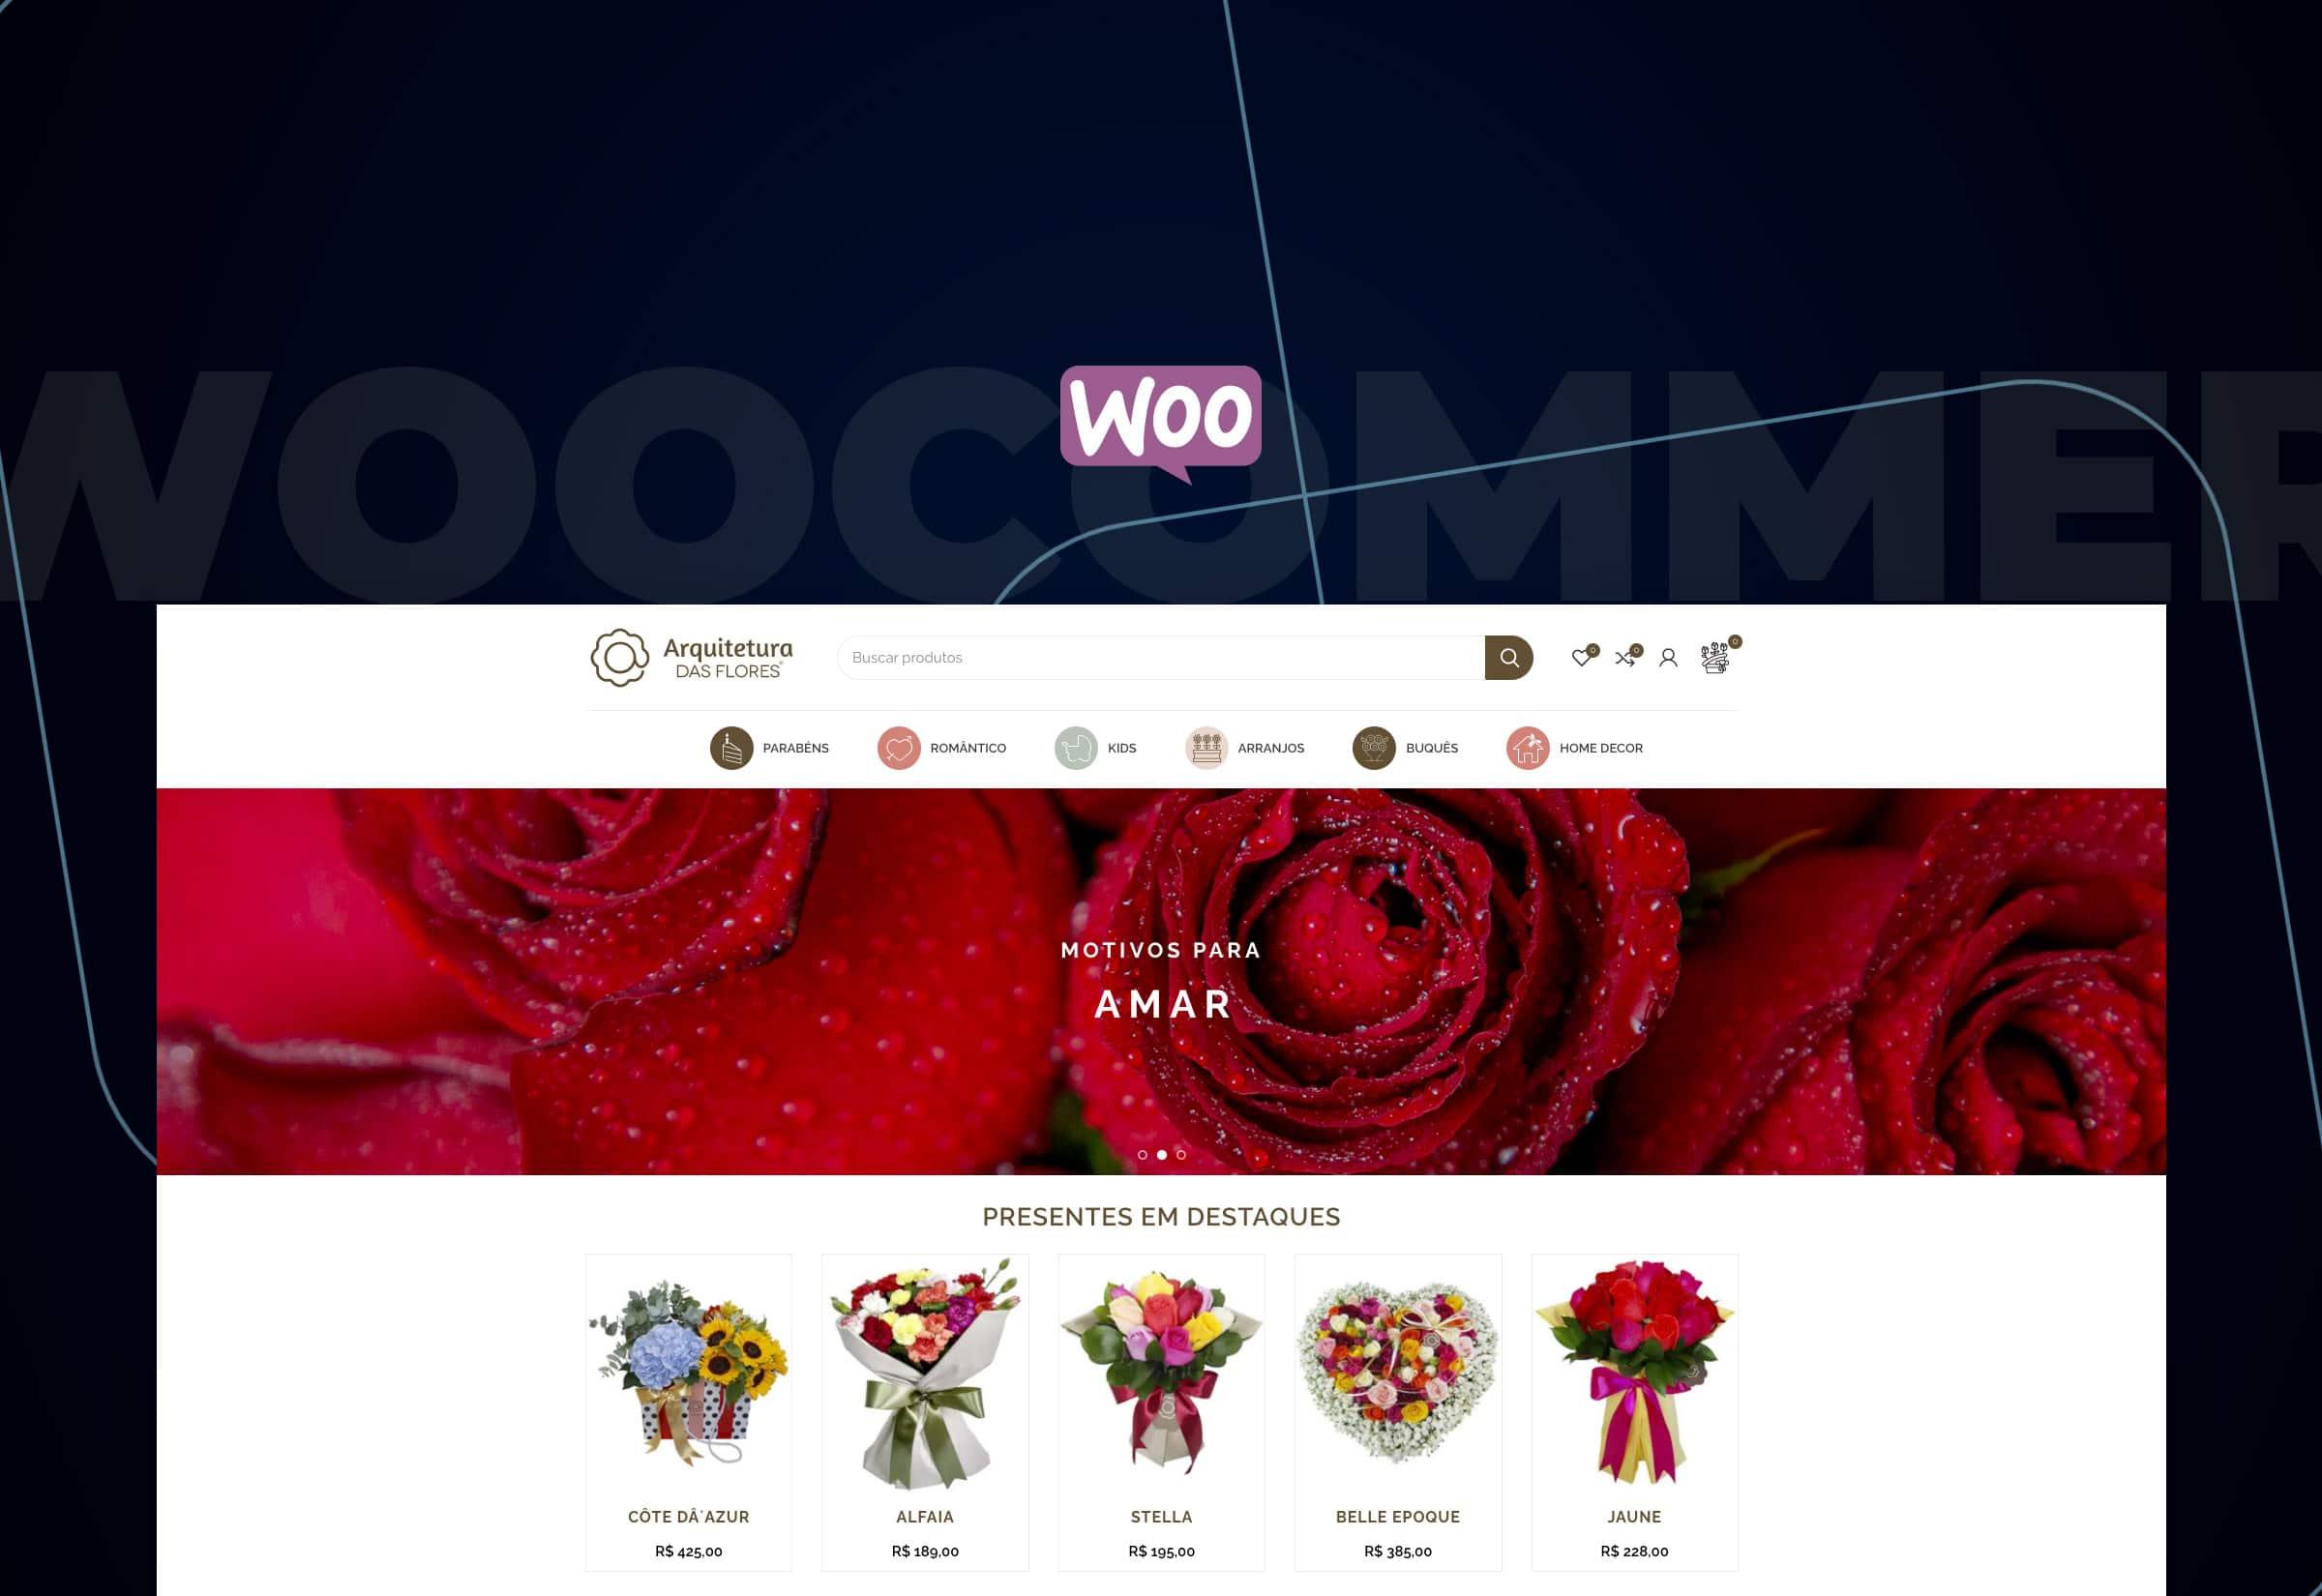 Arquitetura das Flores: a personalização que o Woocommerce oferece